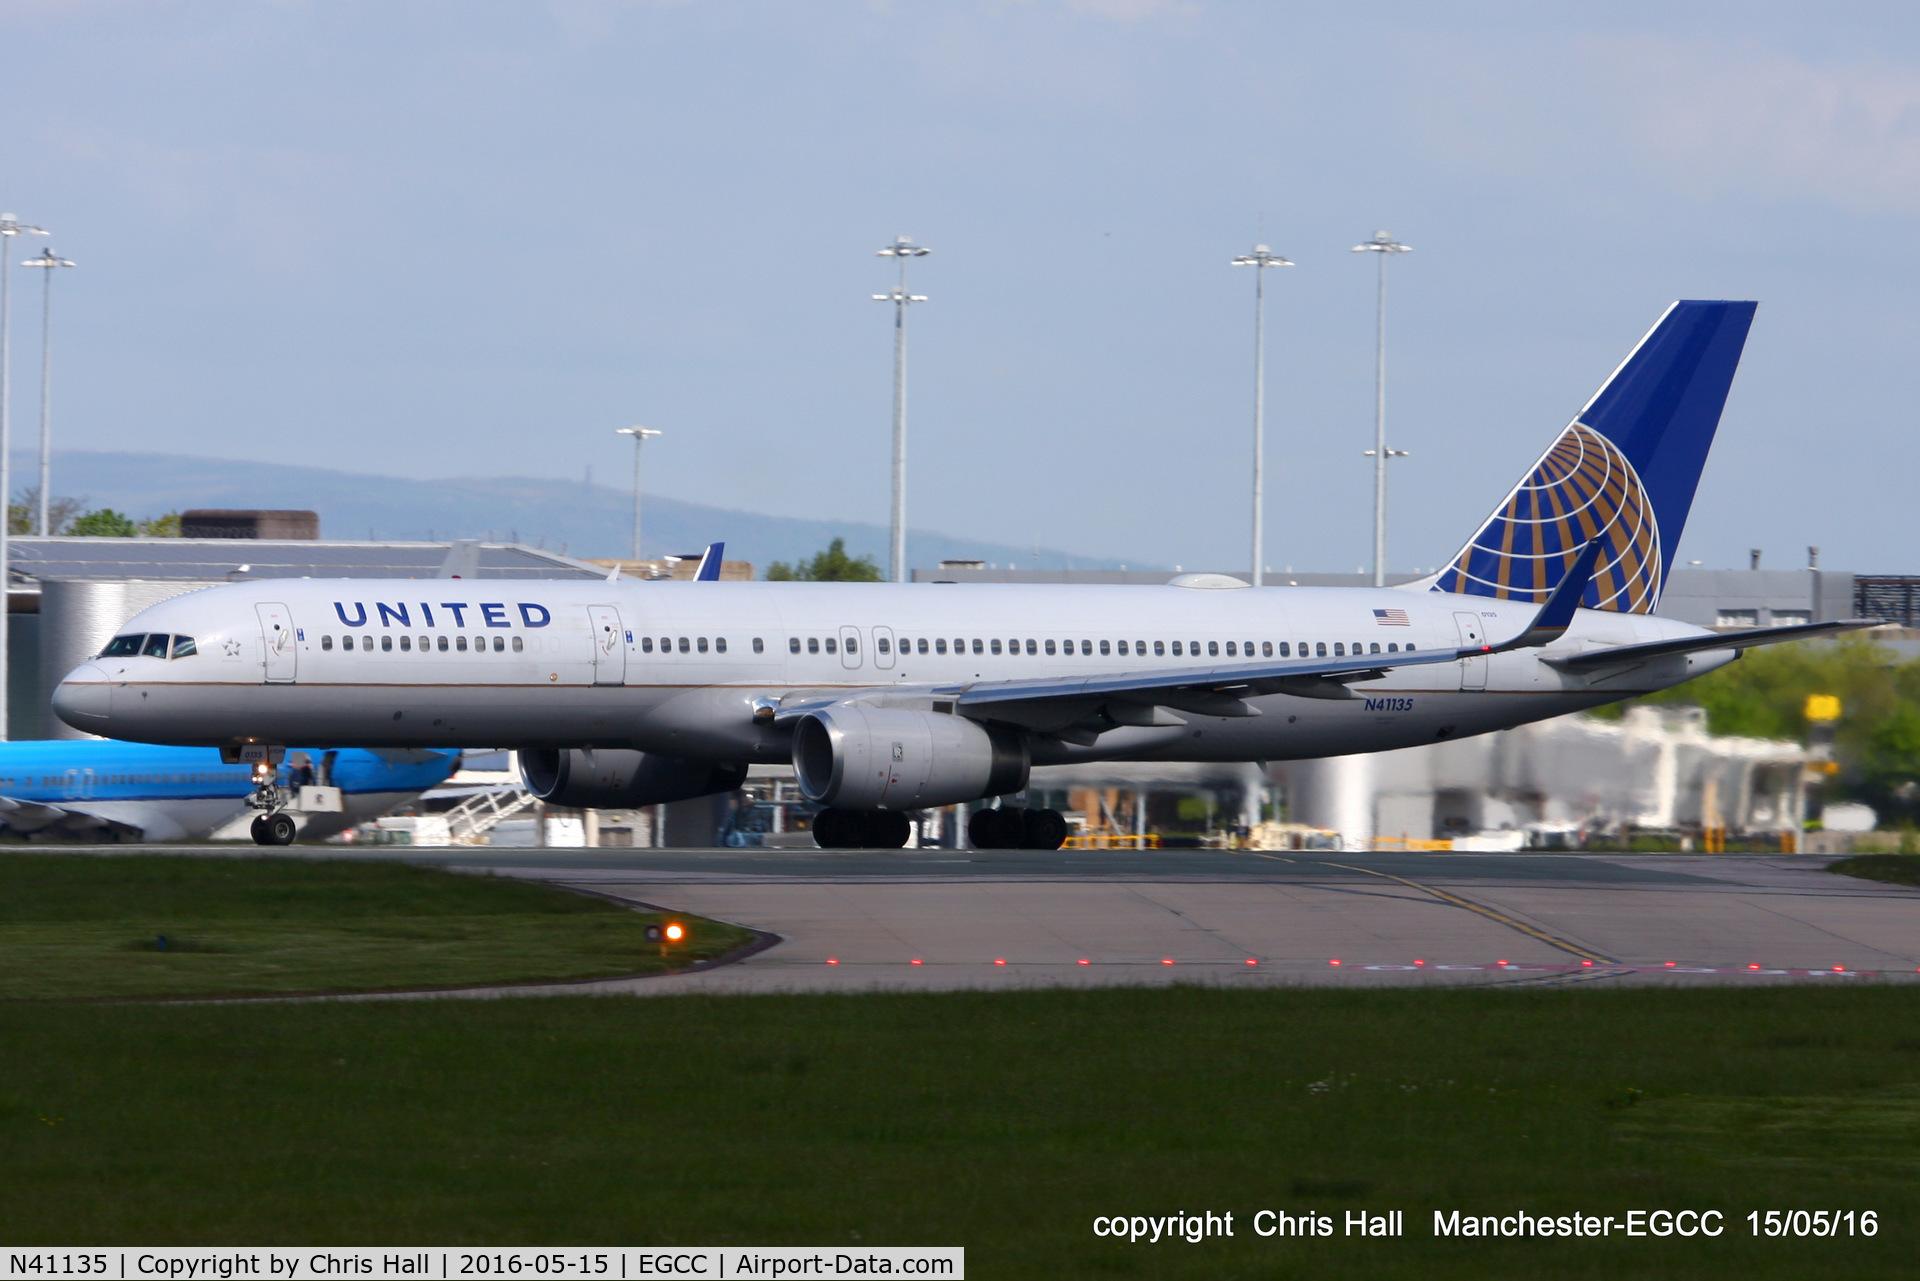 N41135, 1999 Boeing 757-224 C/N 29284, United